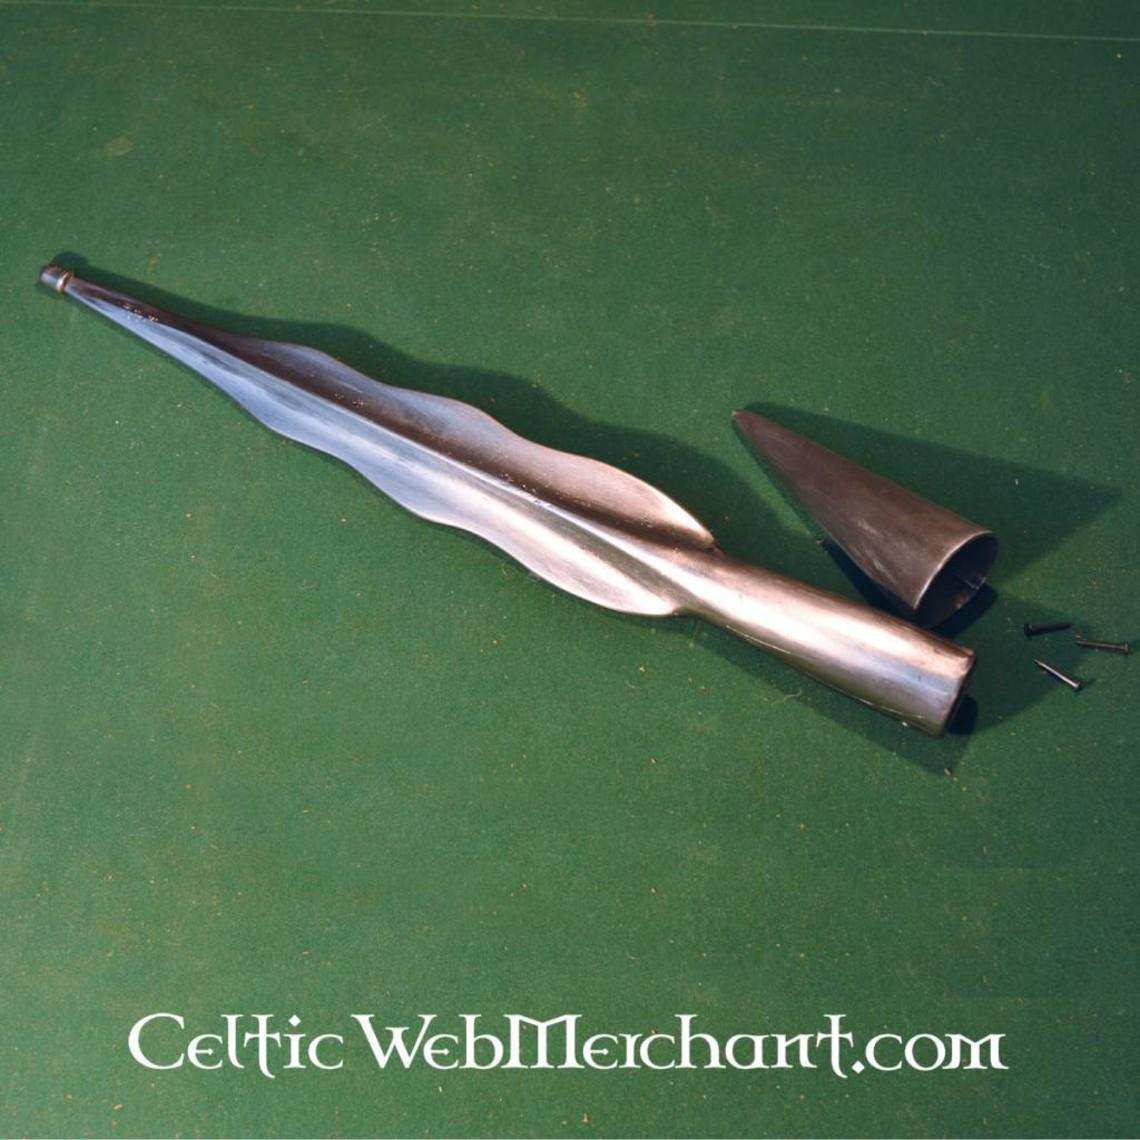 Punta de lanza Celta llama